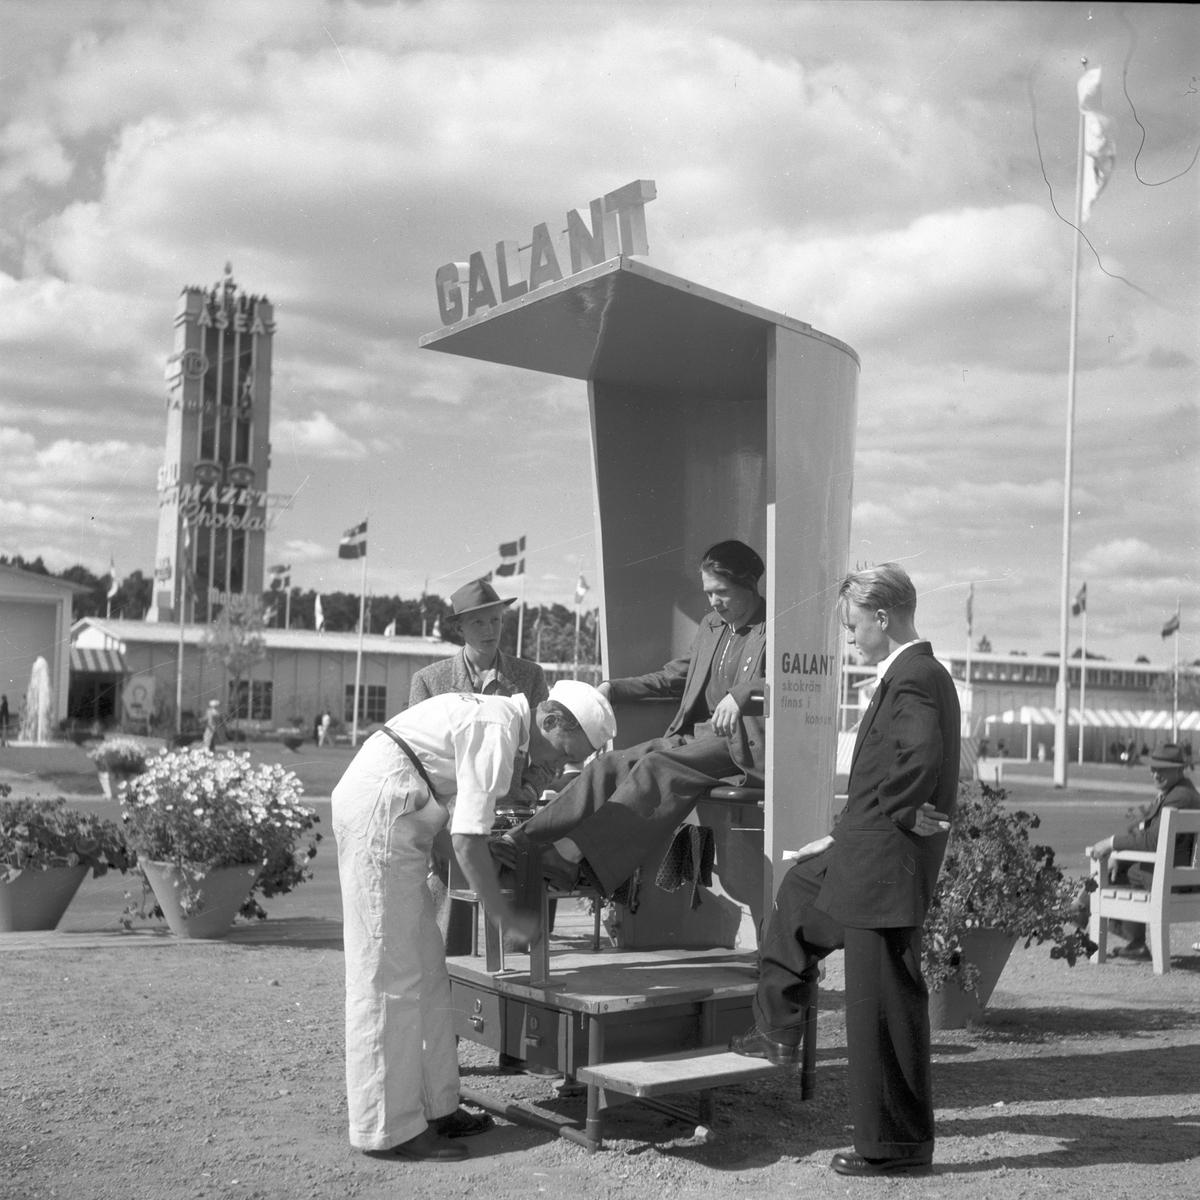 Gävleutställningen 1946 arrangerades 21 juni - 4 augusti. En utställning med anledning av Gävle stads 500-årsjubileum. På 350.000 kv.m. visade 530 utställare sina produkter. Utställningen besöktes av ca 760.000 personer.  Skoputsning